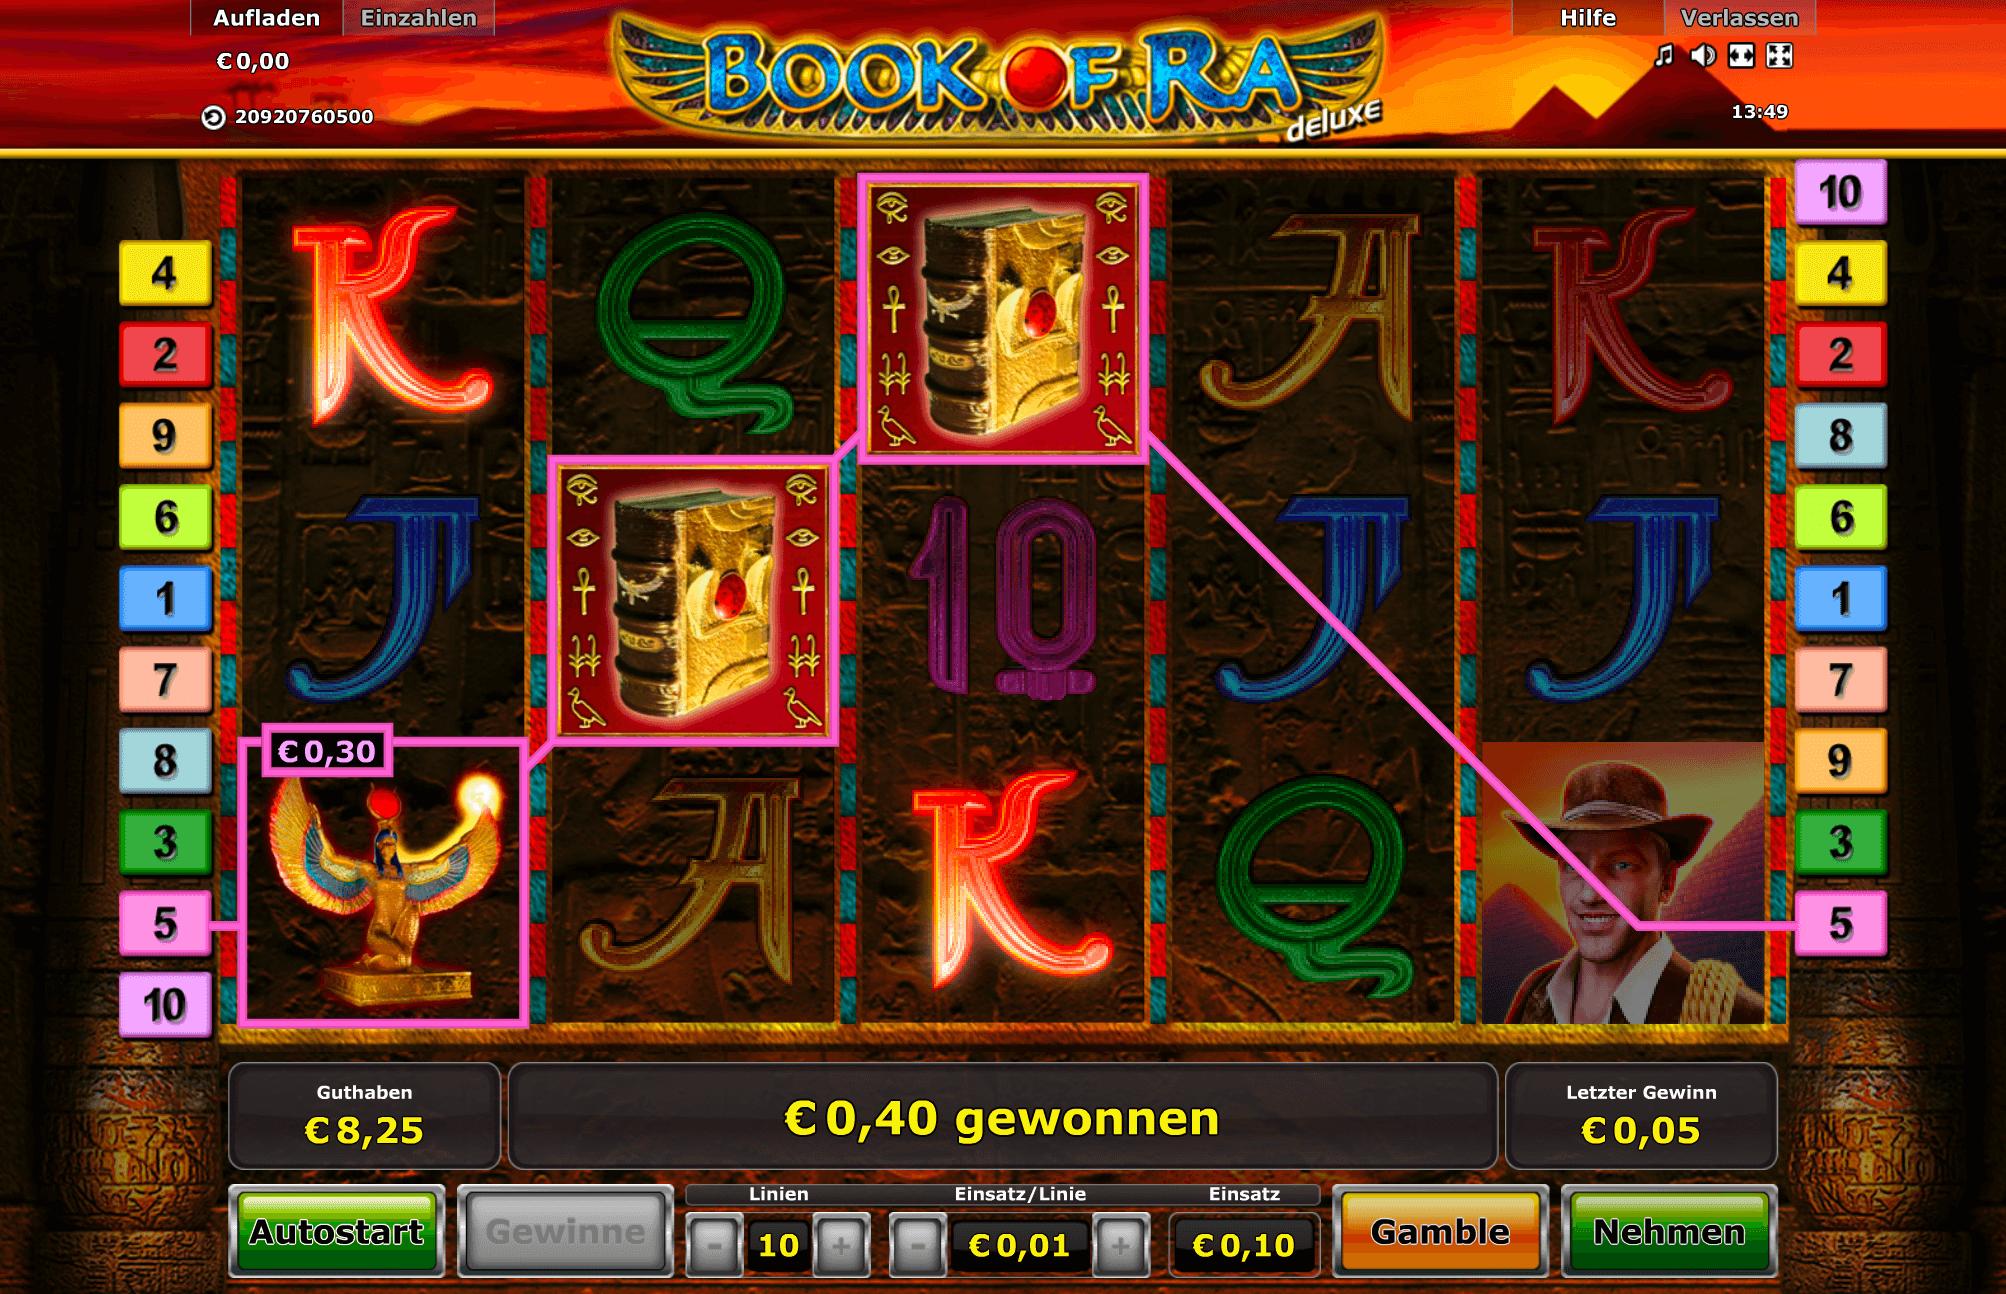 Book of Ra Deluxe Casino Online Spielen